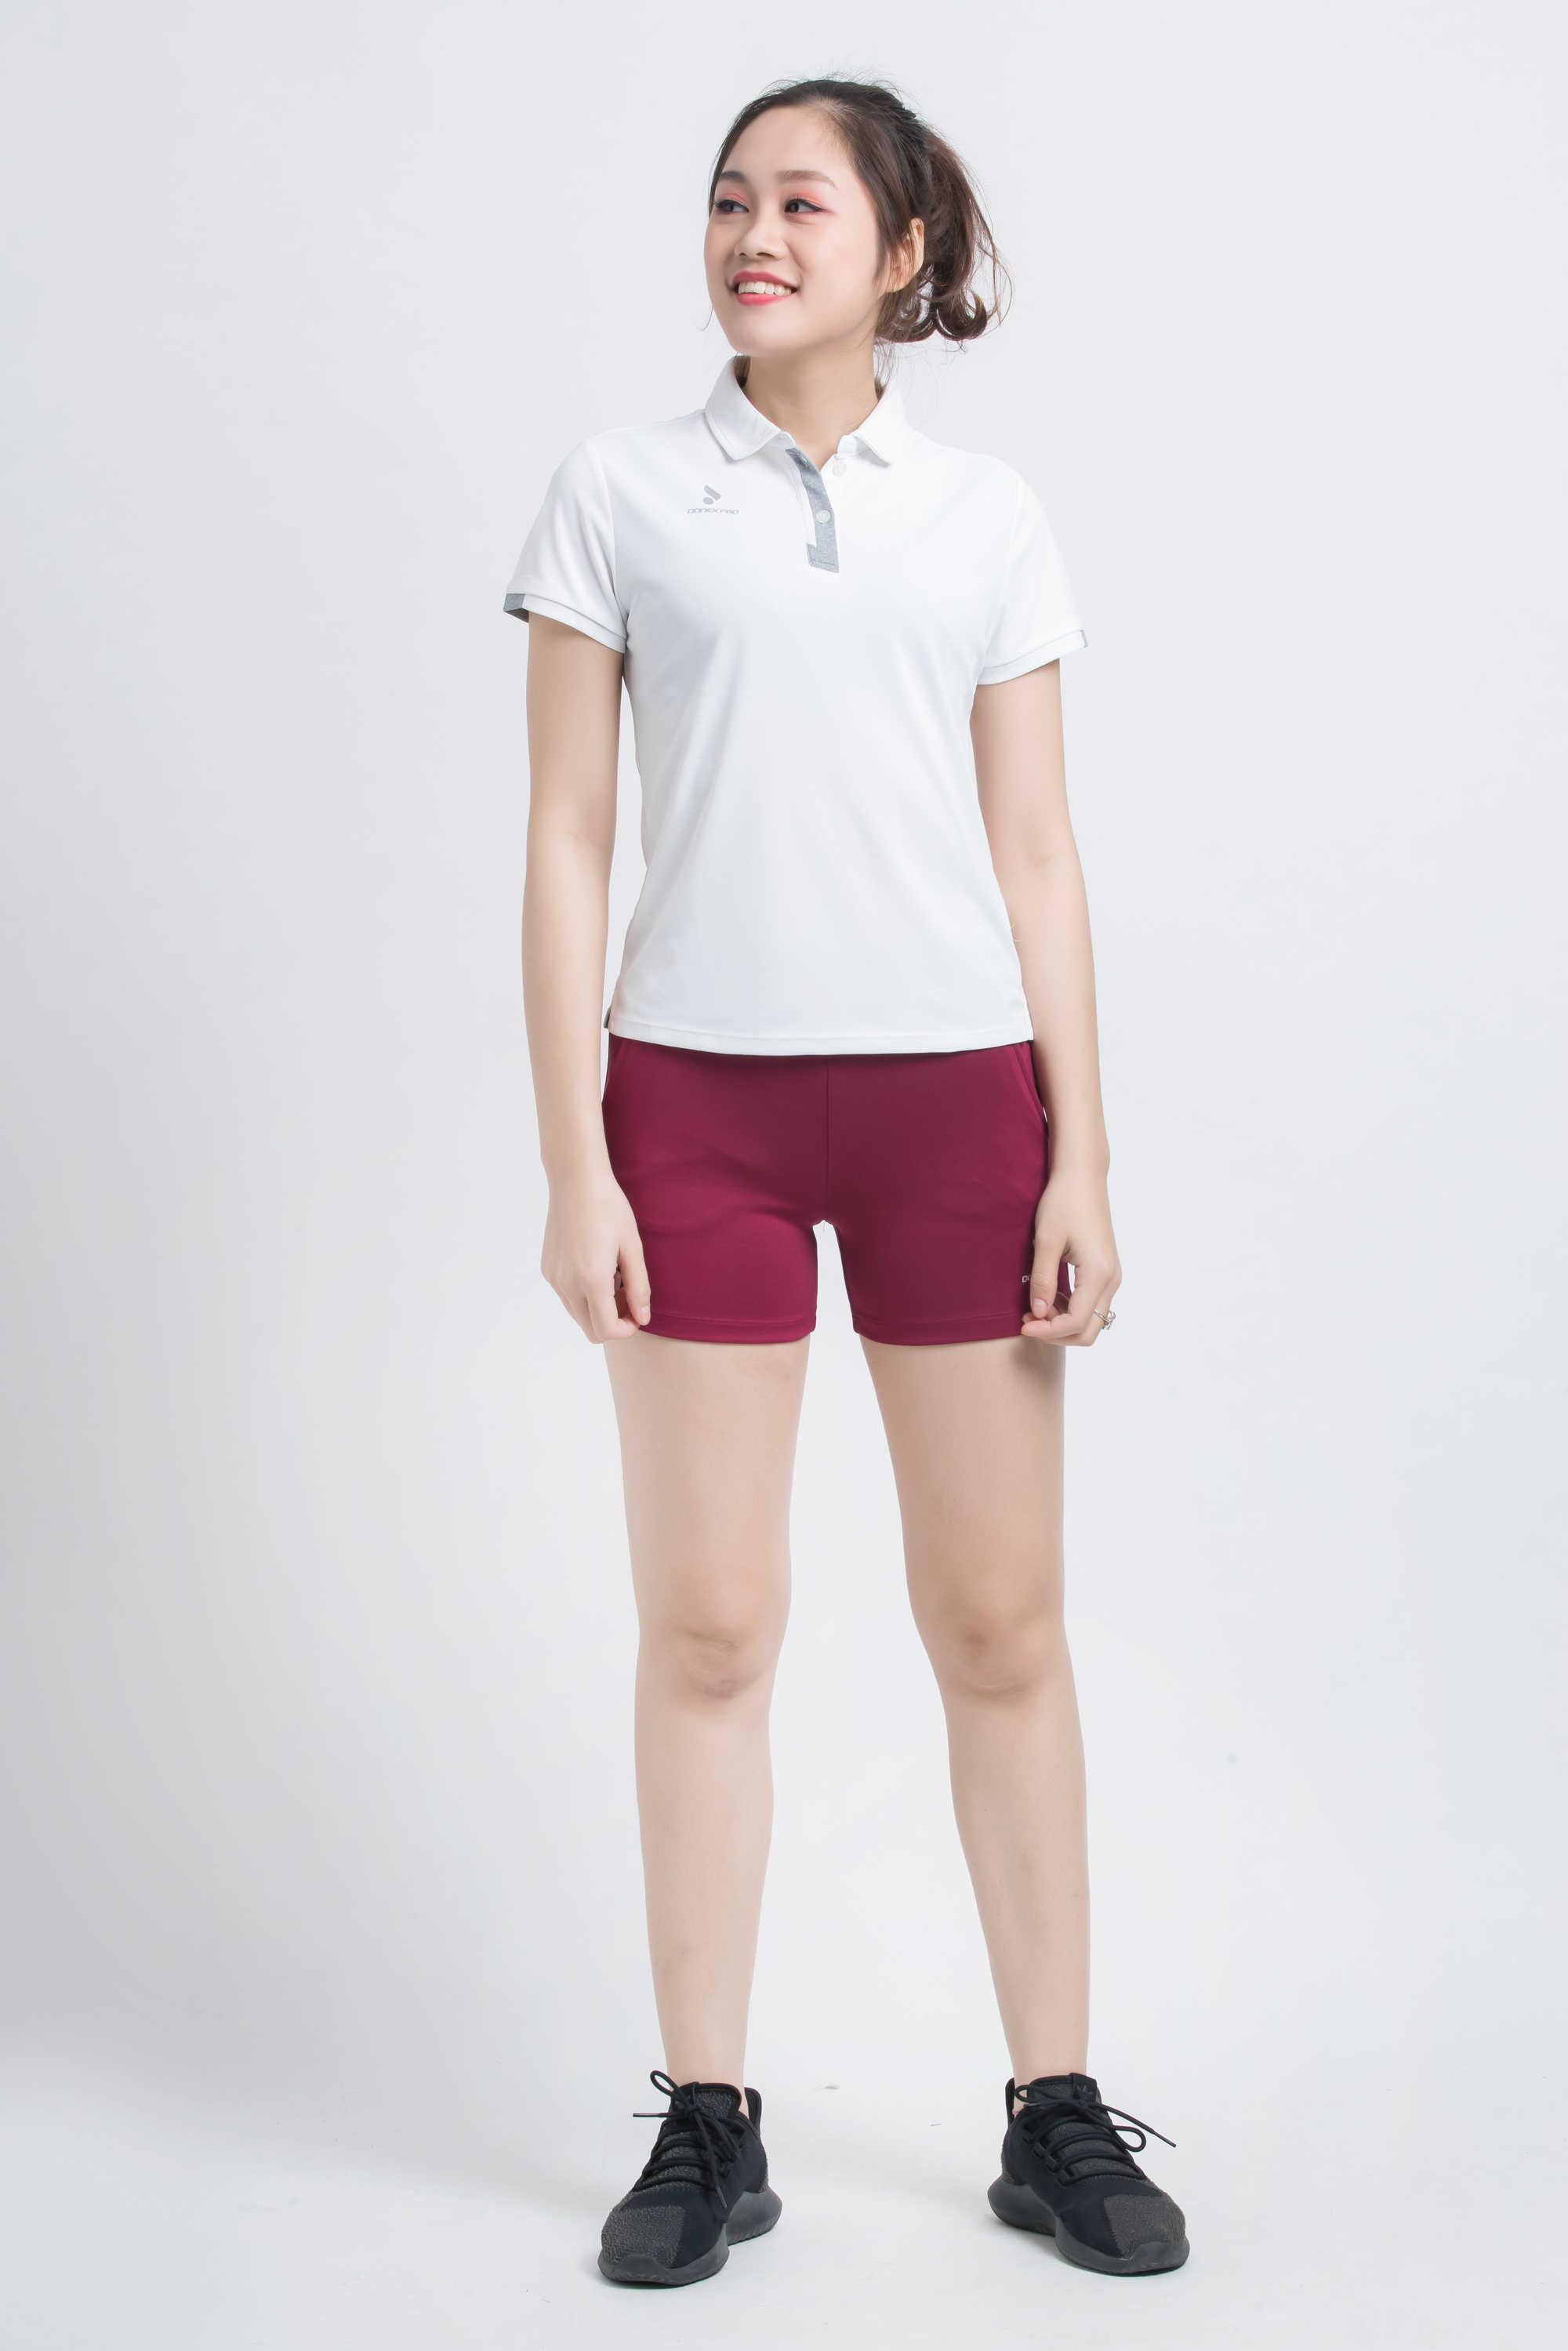 Quần thể thao nữ ASC-868 - Đỏ đô phối trắng